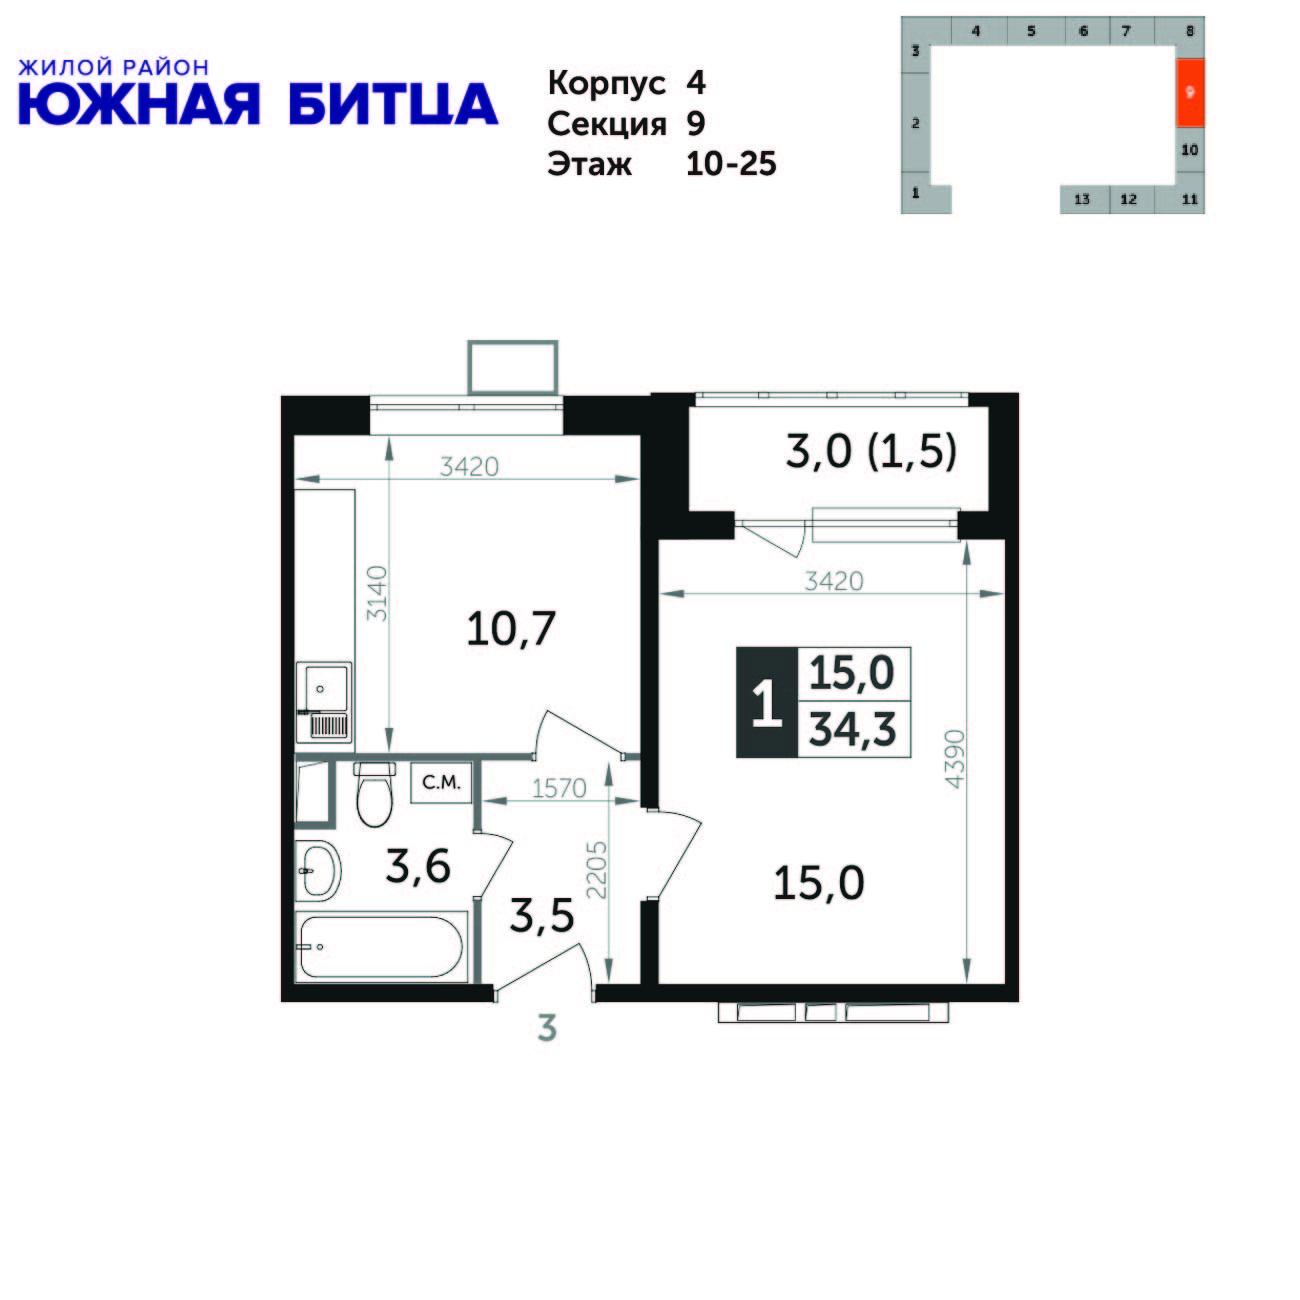 1-комнатная квартира, 34.3м² за 5 млн руб.